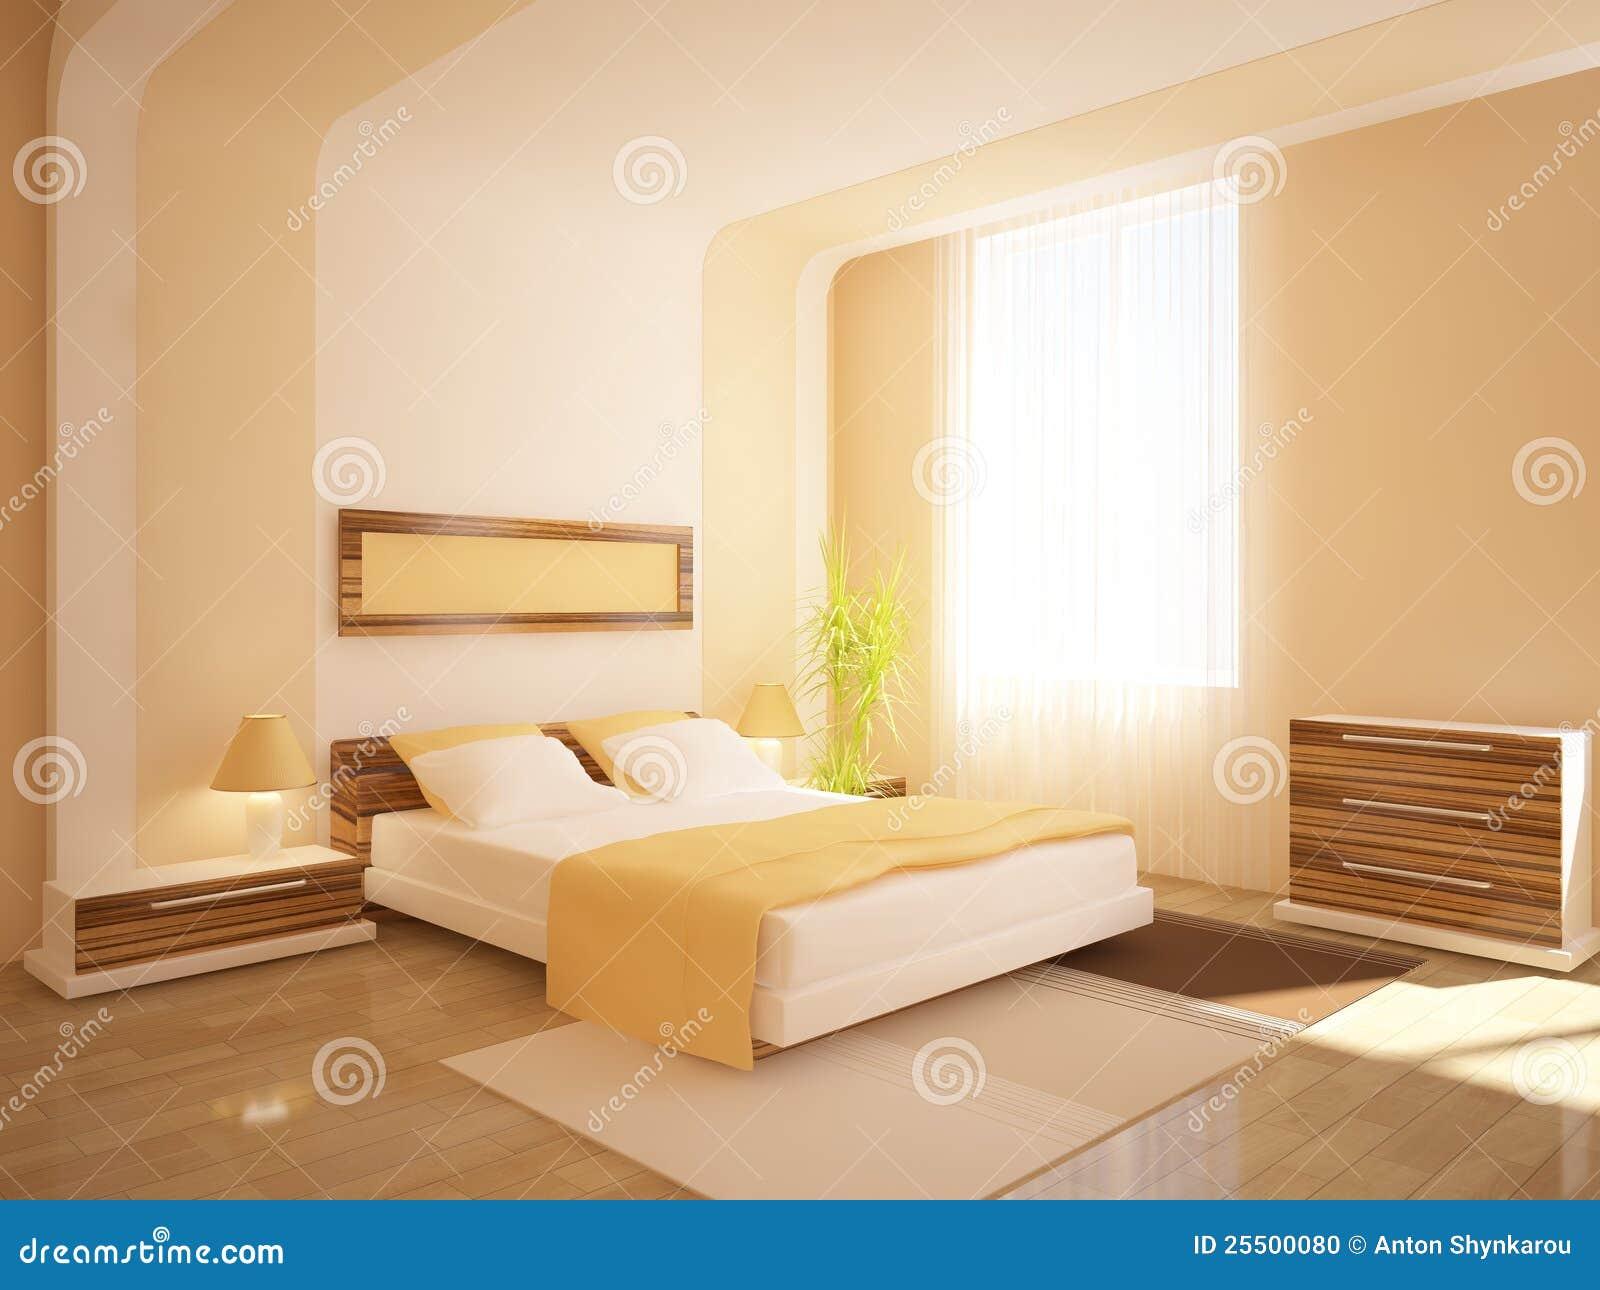 Muebles blancos del dormitorio foto de archivo imagen - Dormitorios muebles blancos ...